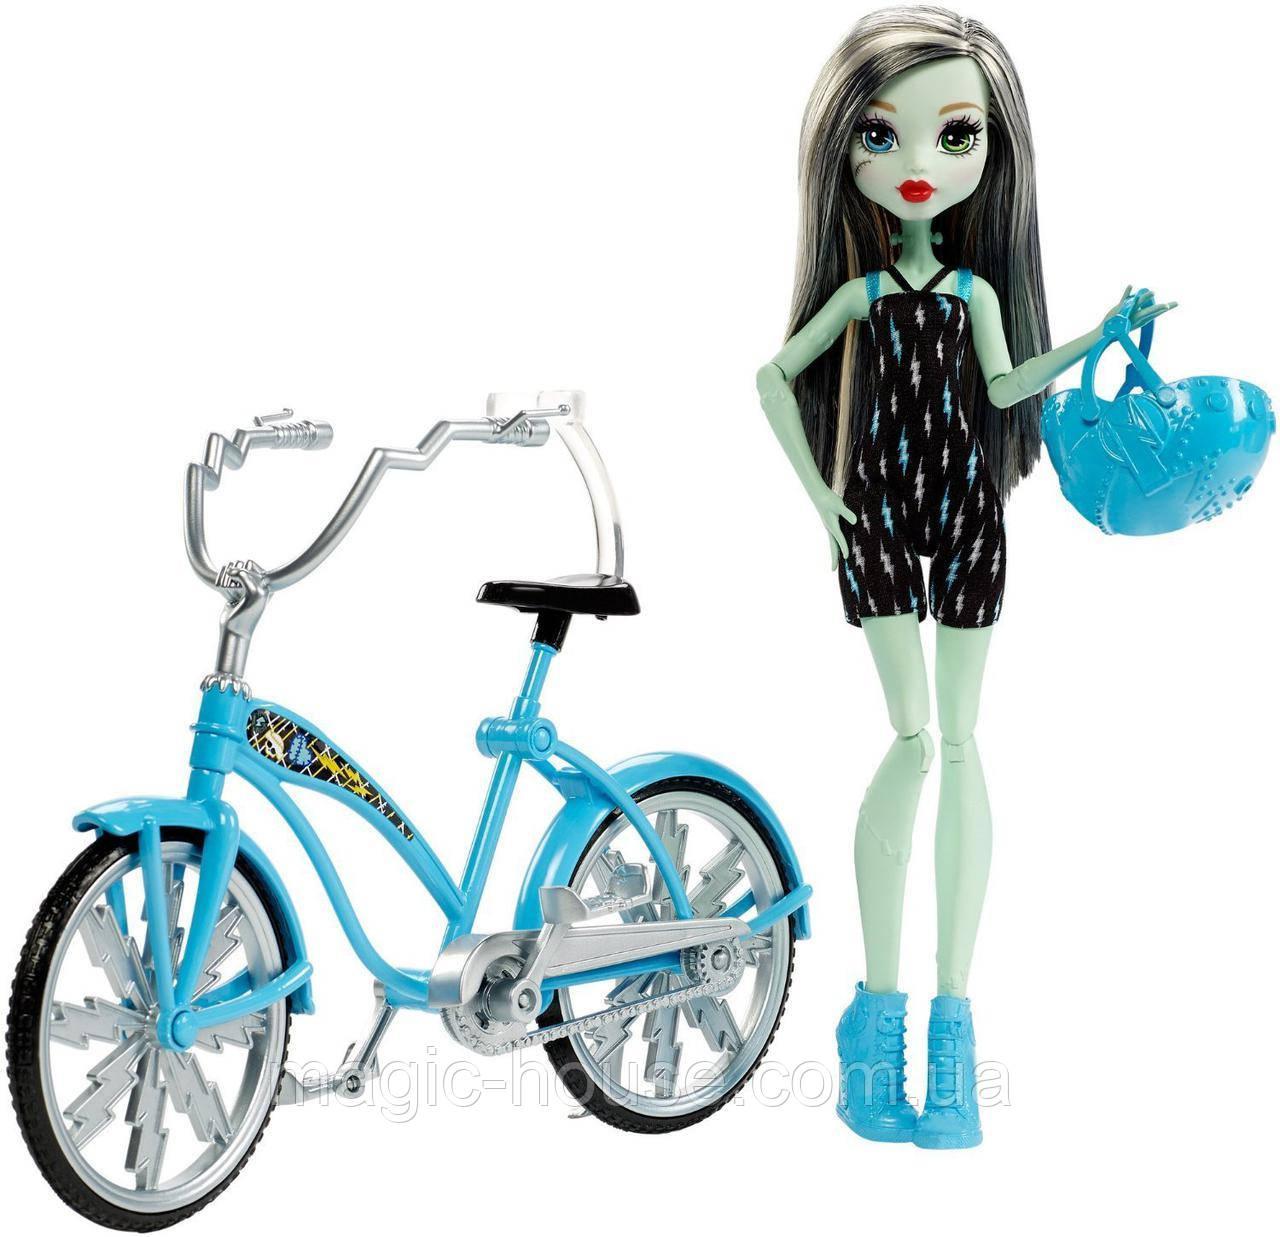 Кукла Монстер Хай Френки Штейн на велосипеде Оригинал от Маттел Boltin' Bicycle Frankie Stein Doll & Vehicle